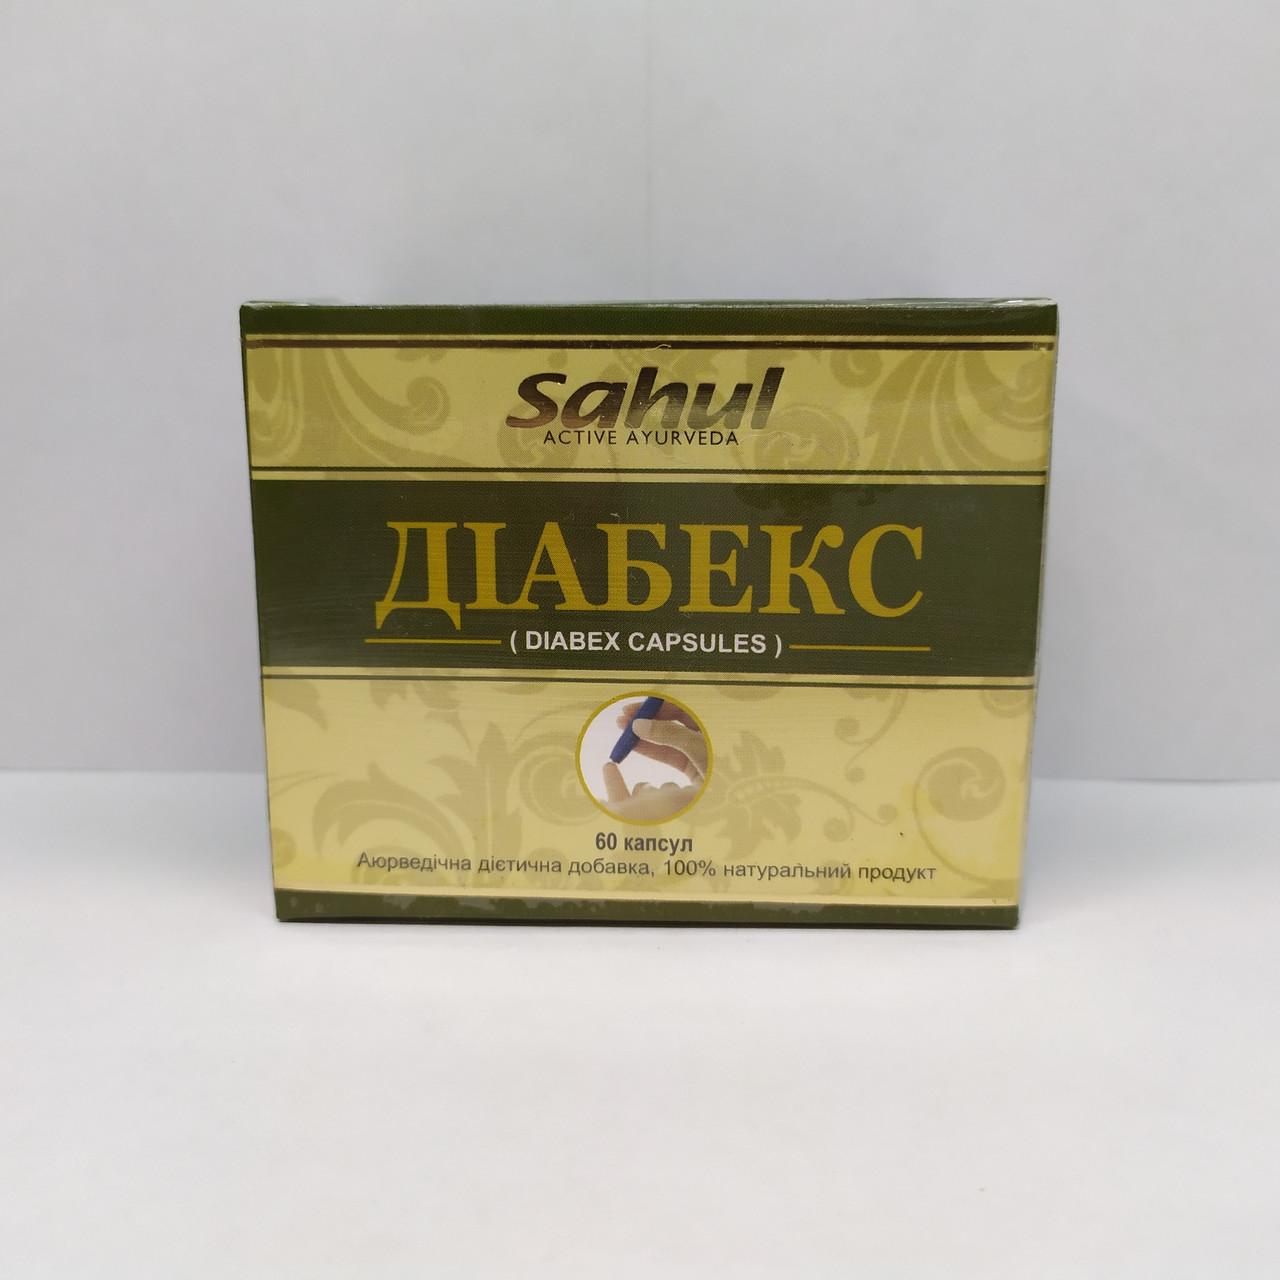 Диабэкс (60 капсул) Sahul India LTD Для профилактики сахарного диабета